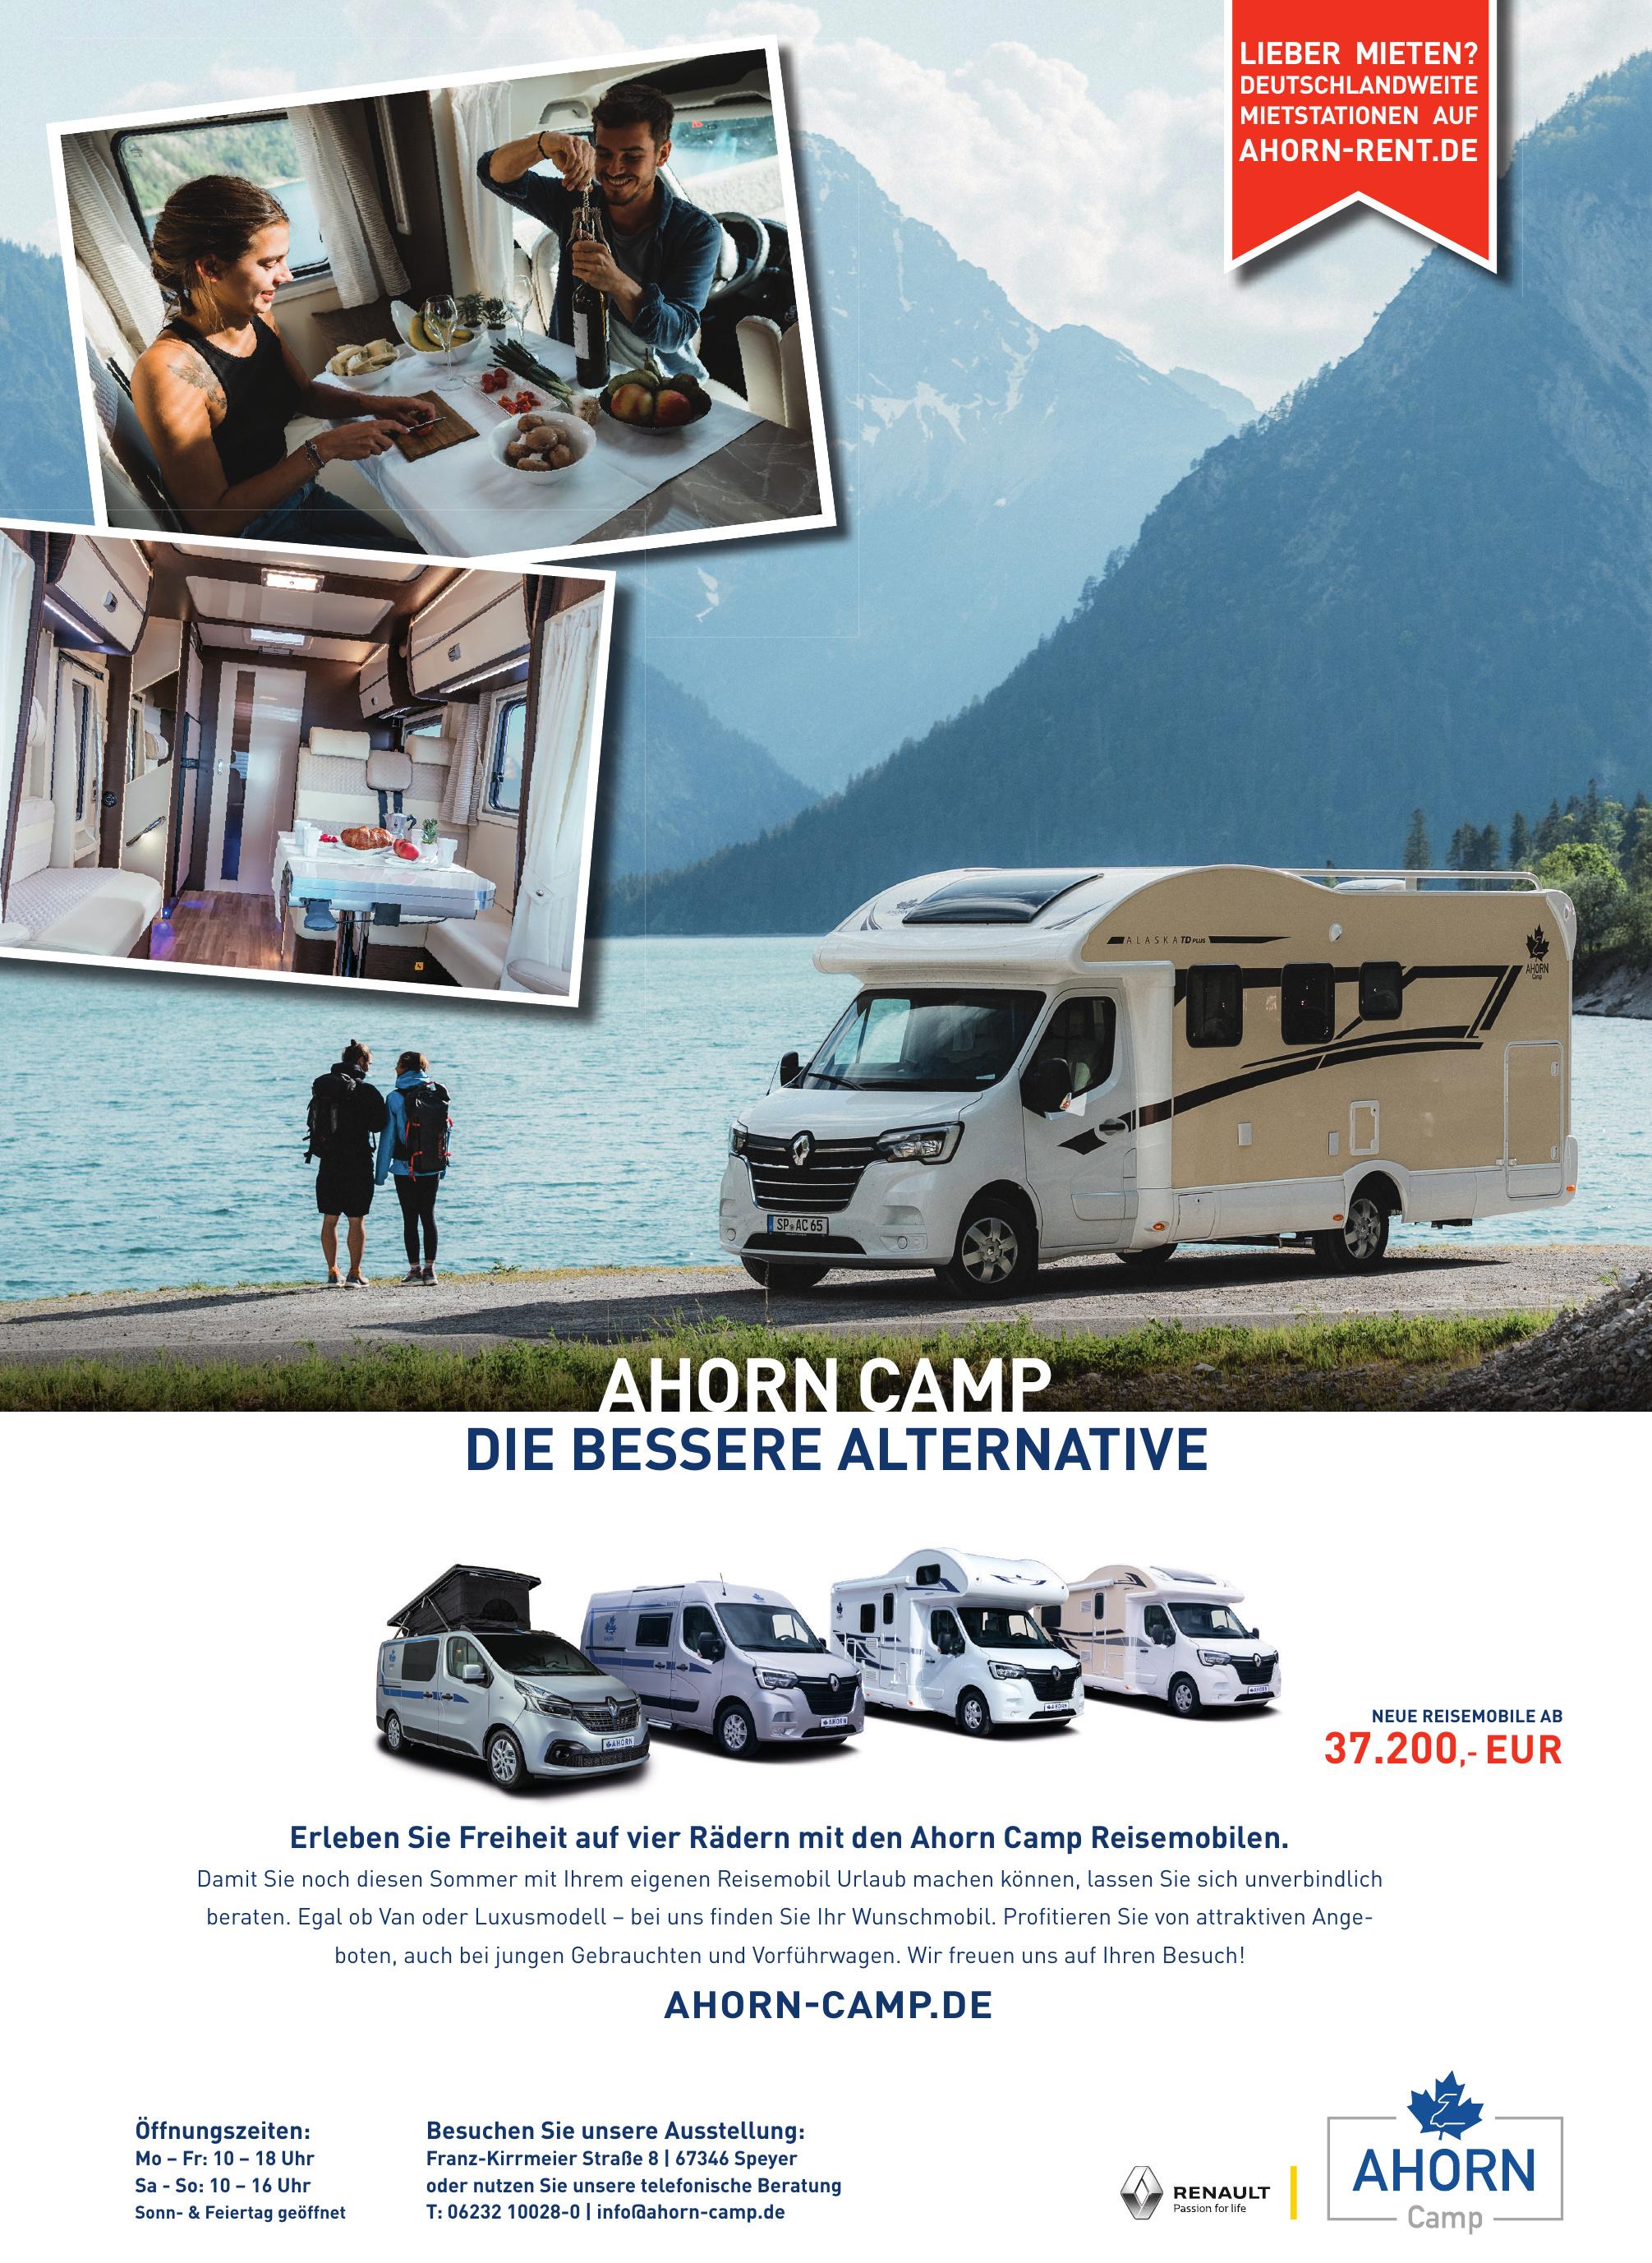 Ahorn Camp